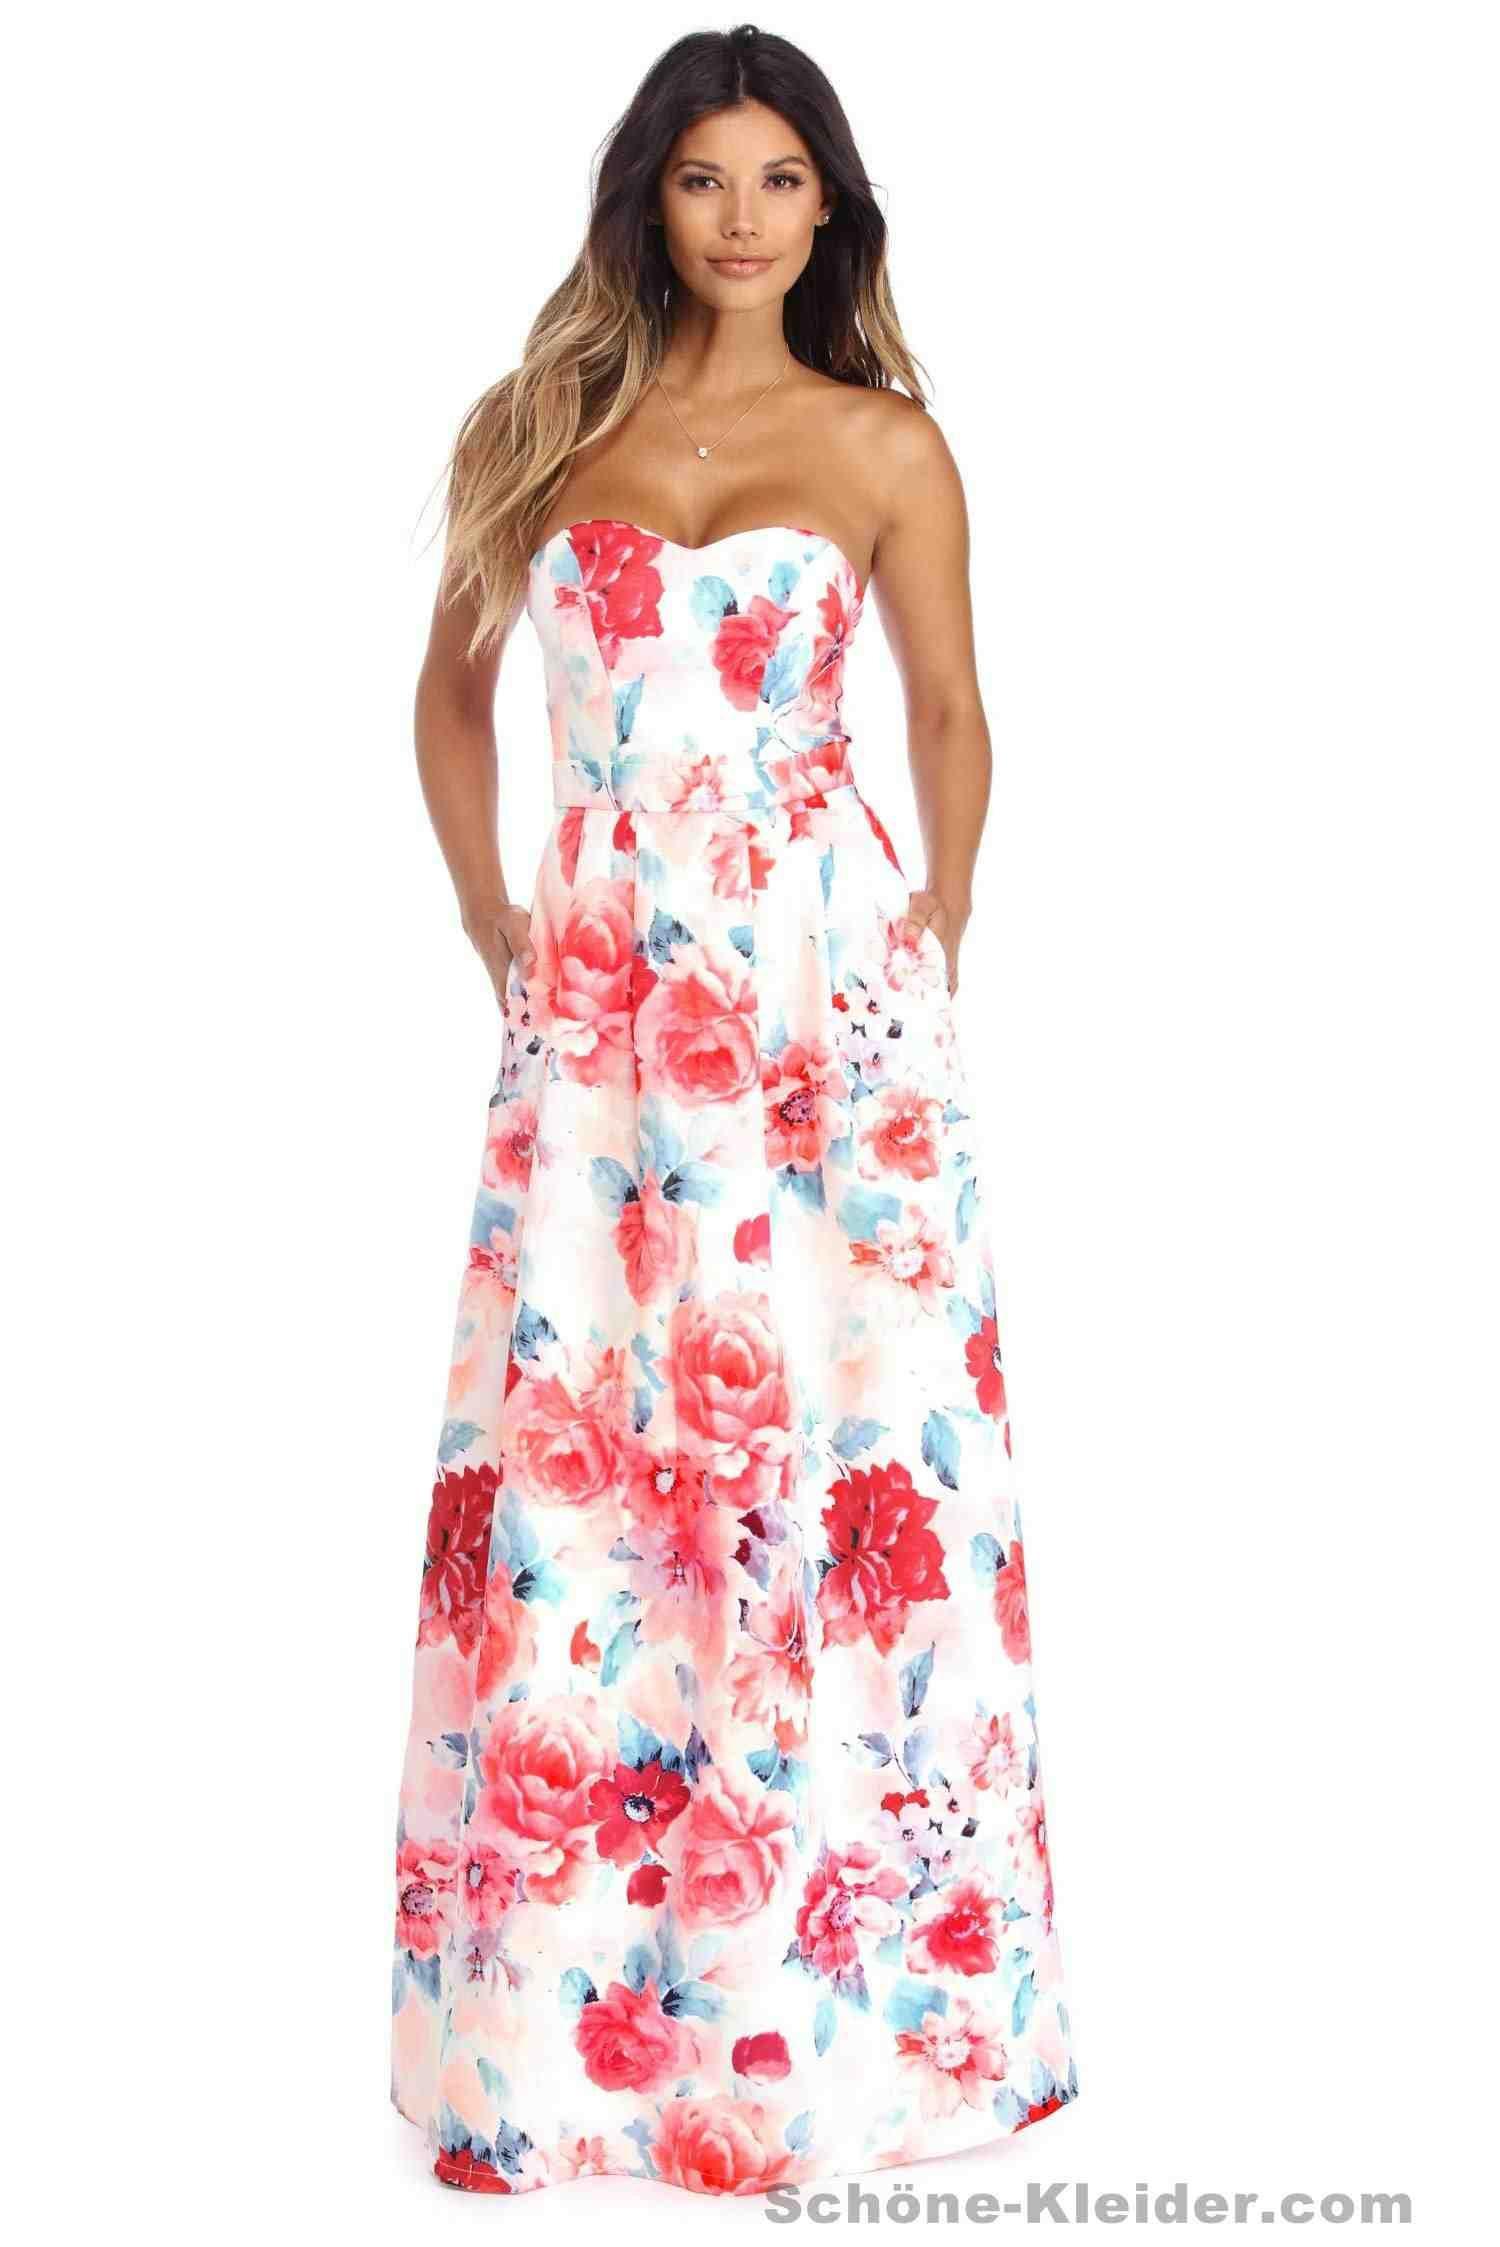 Designer Einzigartig Schicke Sommerkleider Spezialgebiet17 Ausgezeichnet Schicke Sommerkleider für 2019